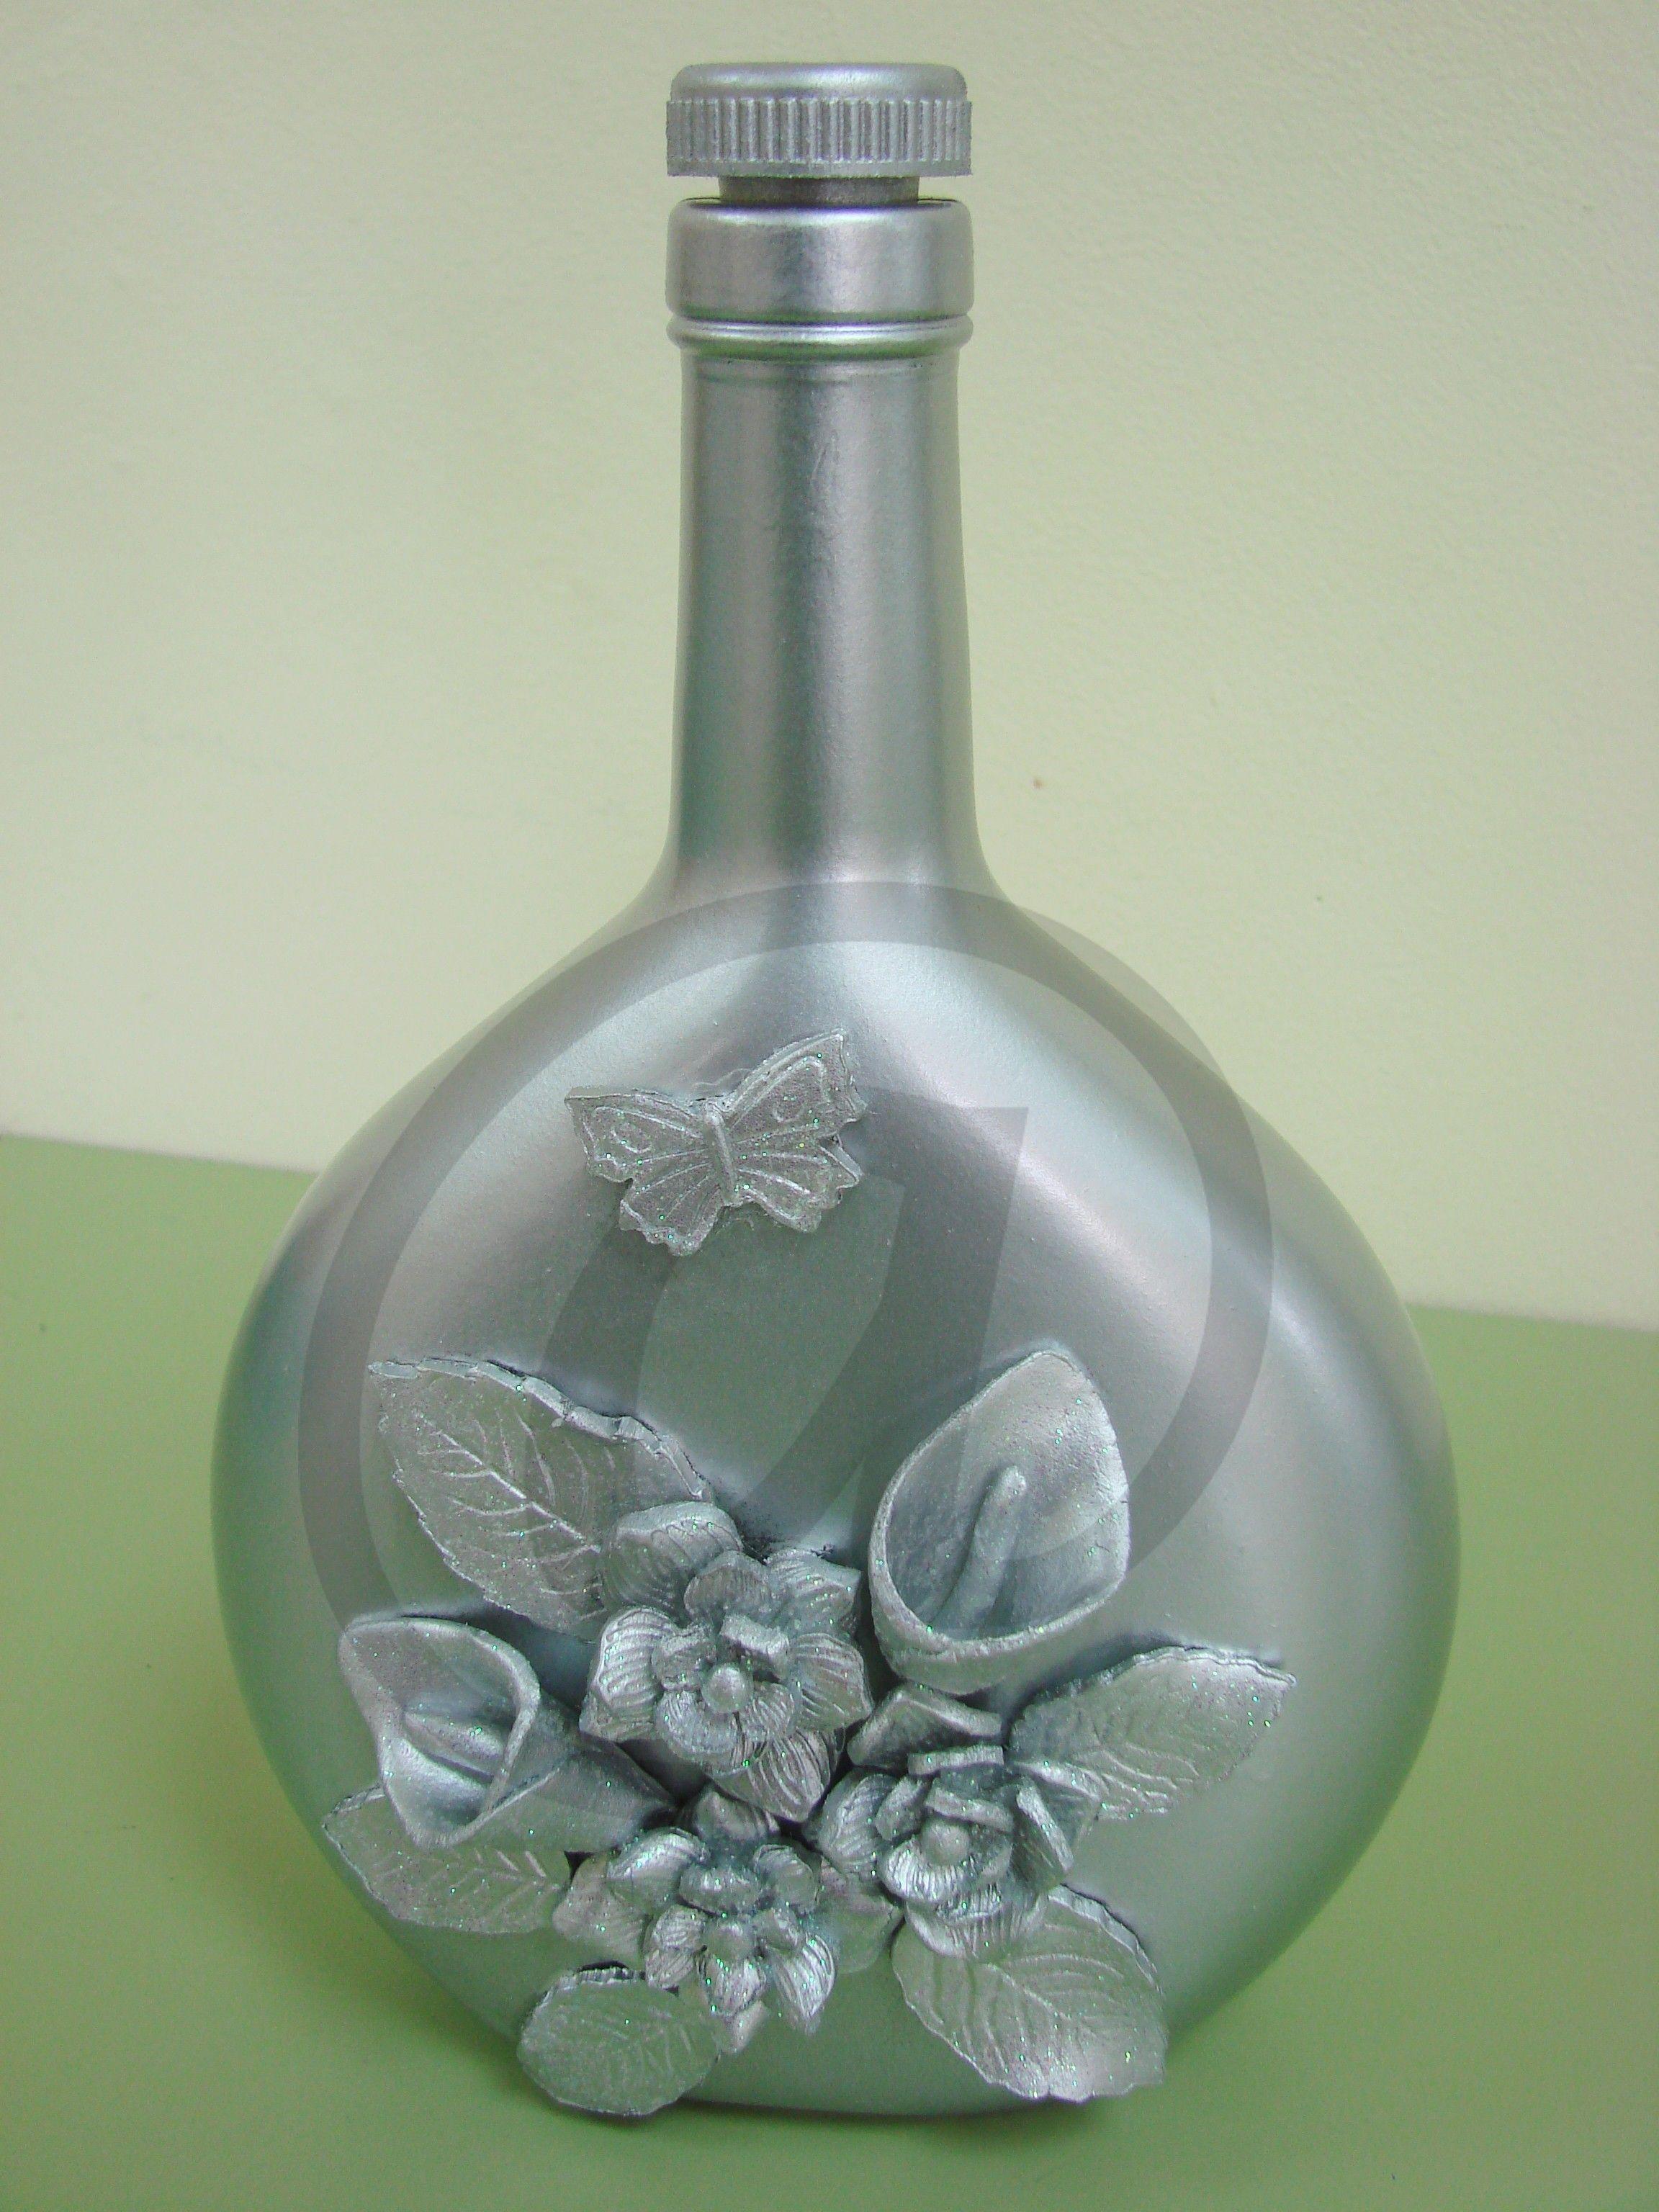 Botella de cristal pintada a mano con pasta botellas de cristal decoradas y pintadas - Botellas de cristal decoradas ...